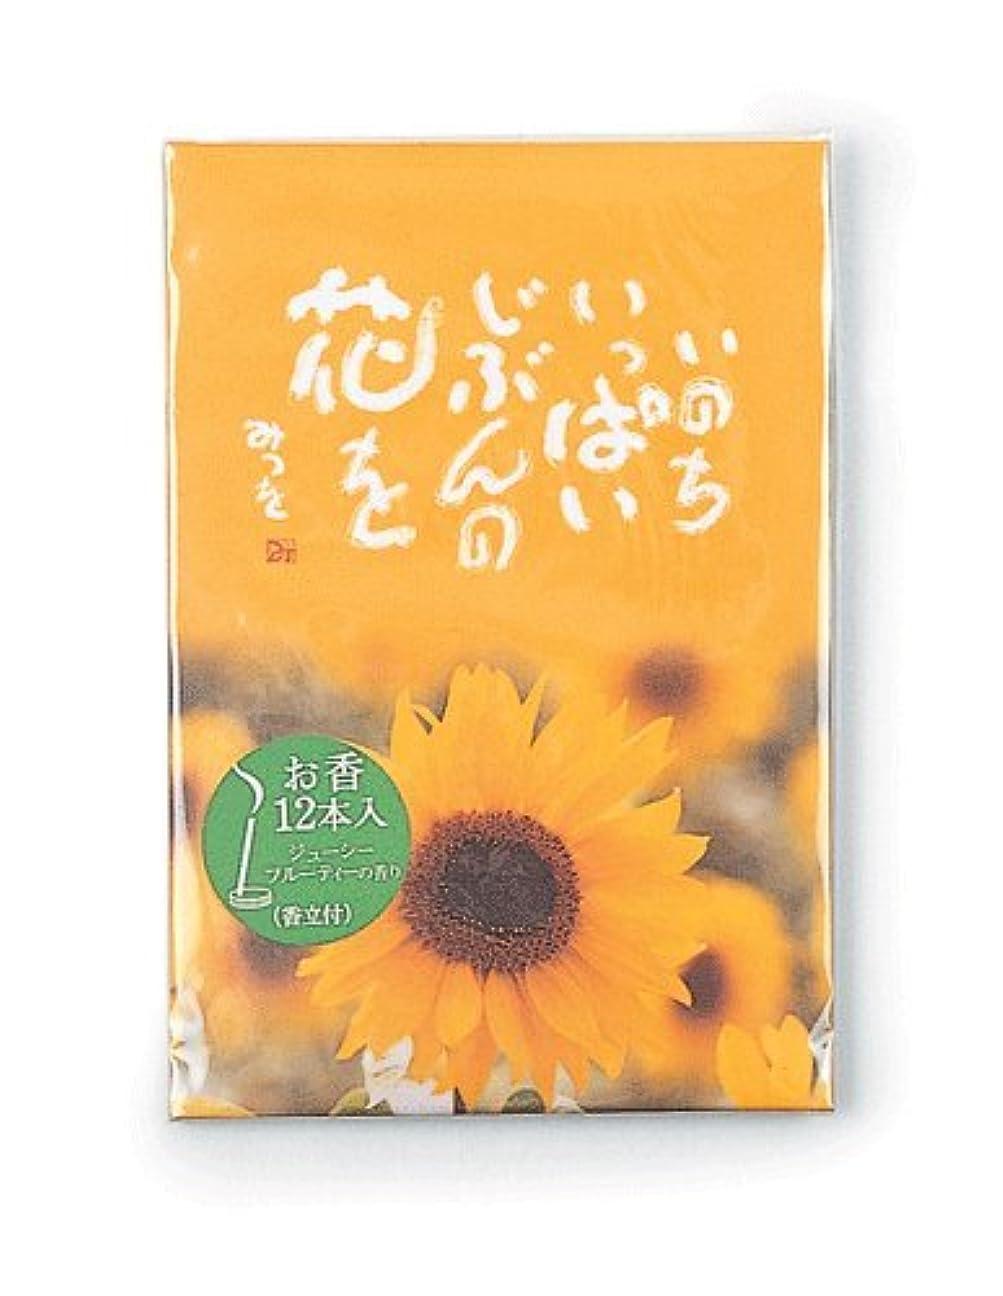 見てレンチ生む相田みつをのお香 ジューシーフルーティー スティック12本入 【お香】